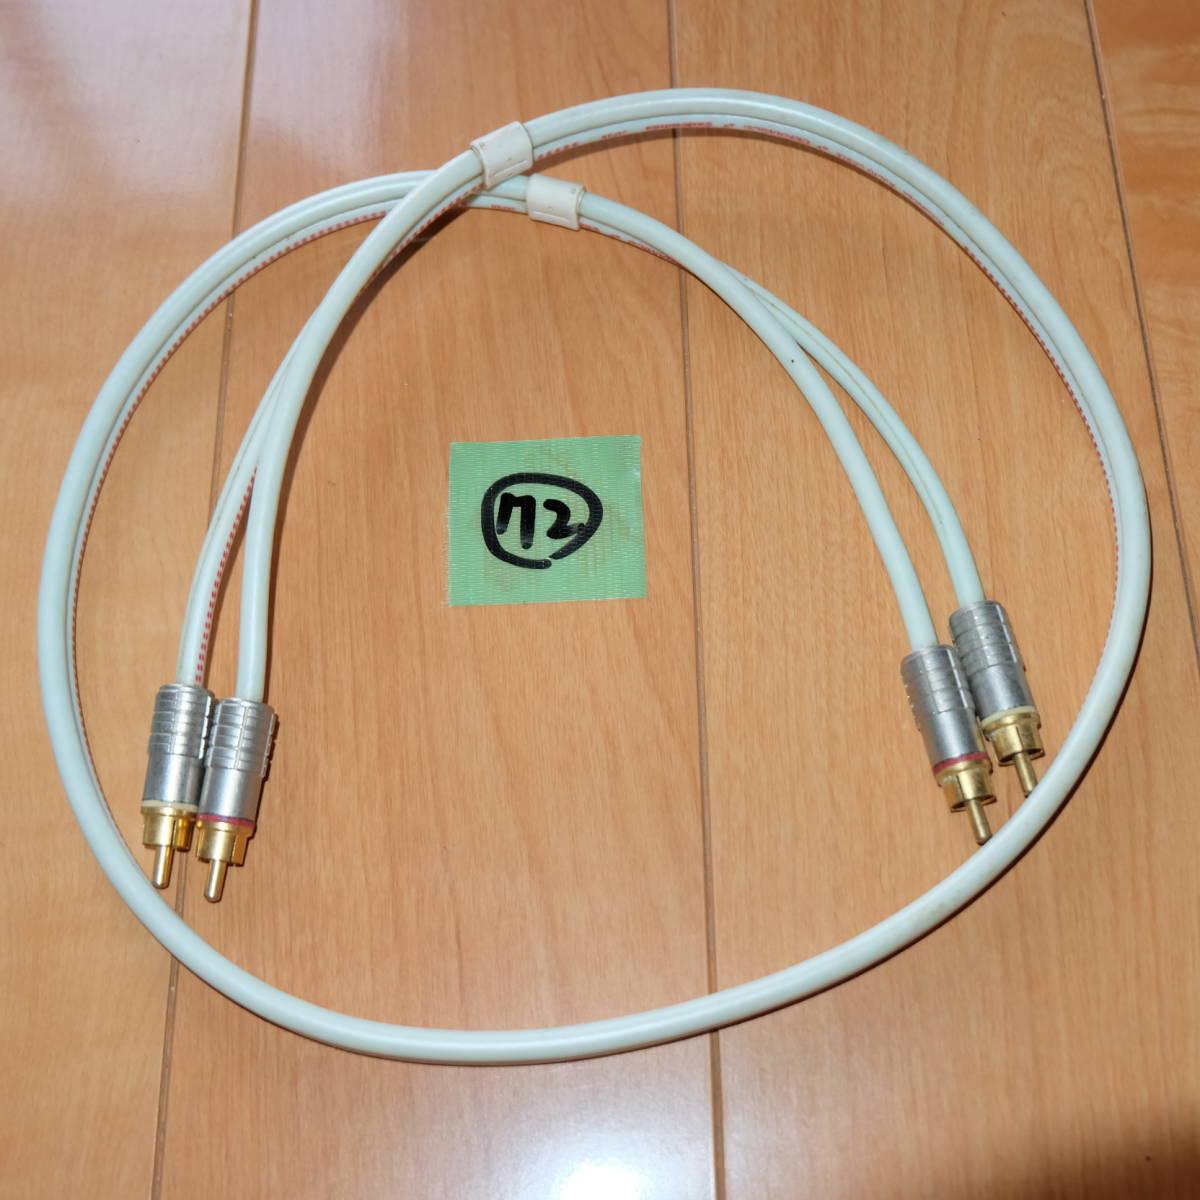 送料180円~ audio-technica オーディオテクニカ audio cable rcaケーブル ピンプラグ 1m 100cm PCOCC CERAMICS セラミックス 72_画像2